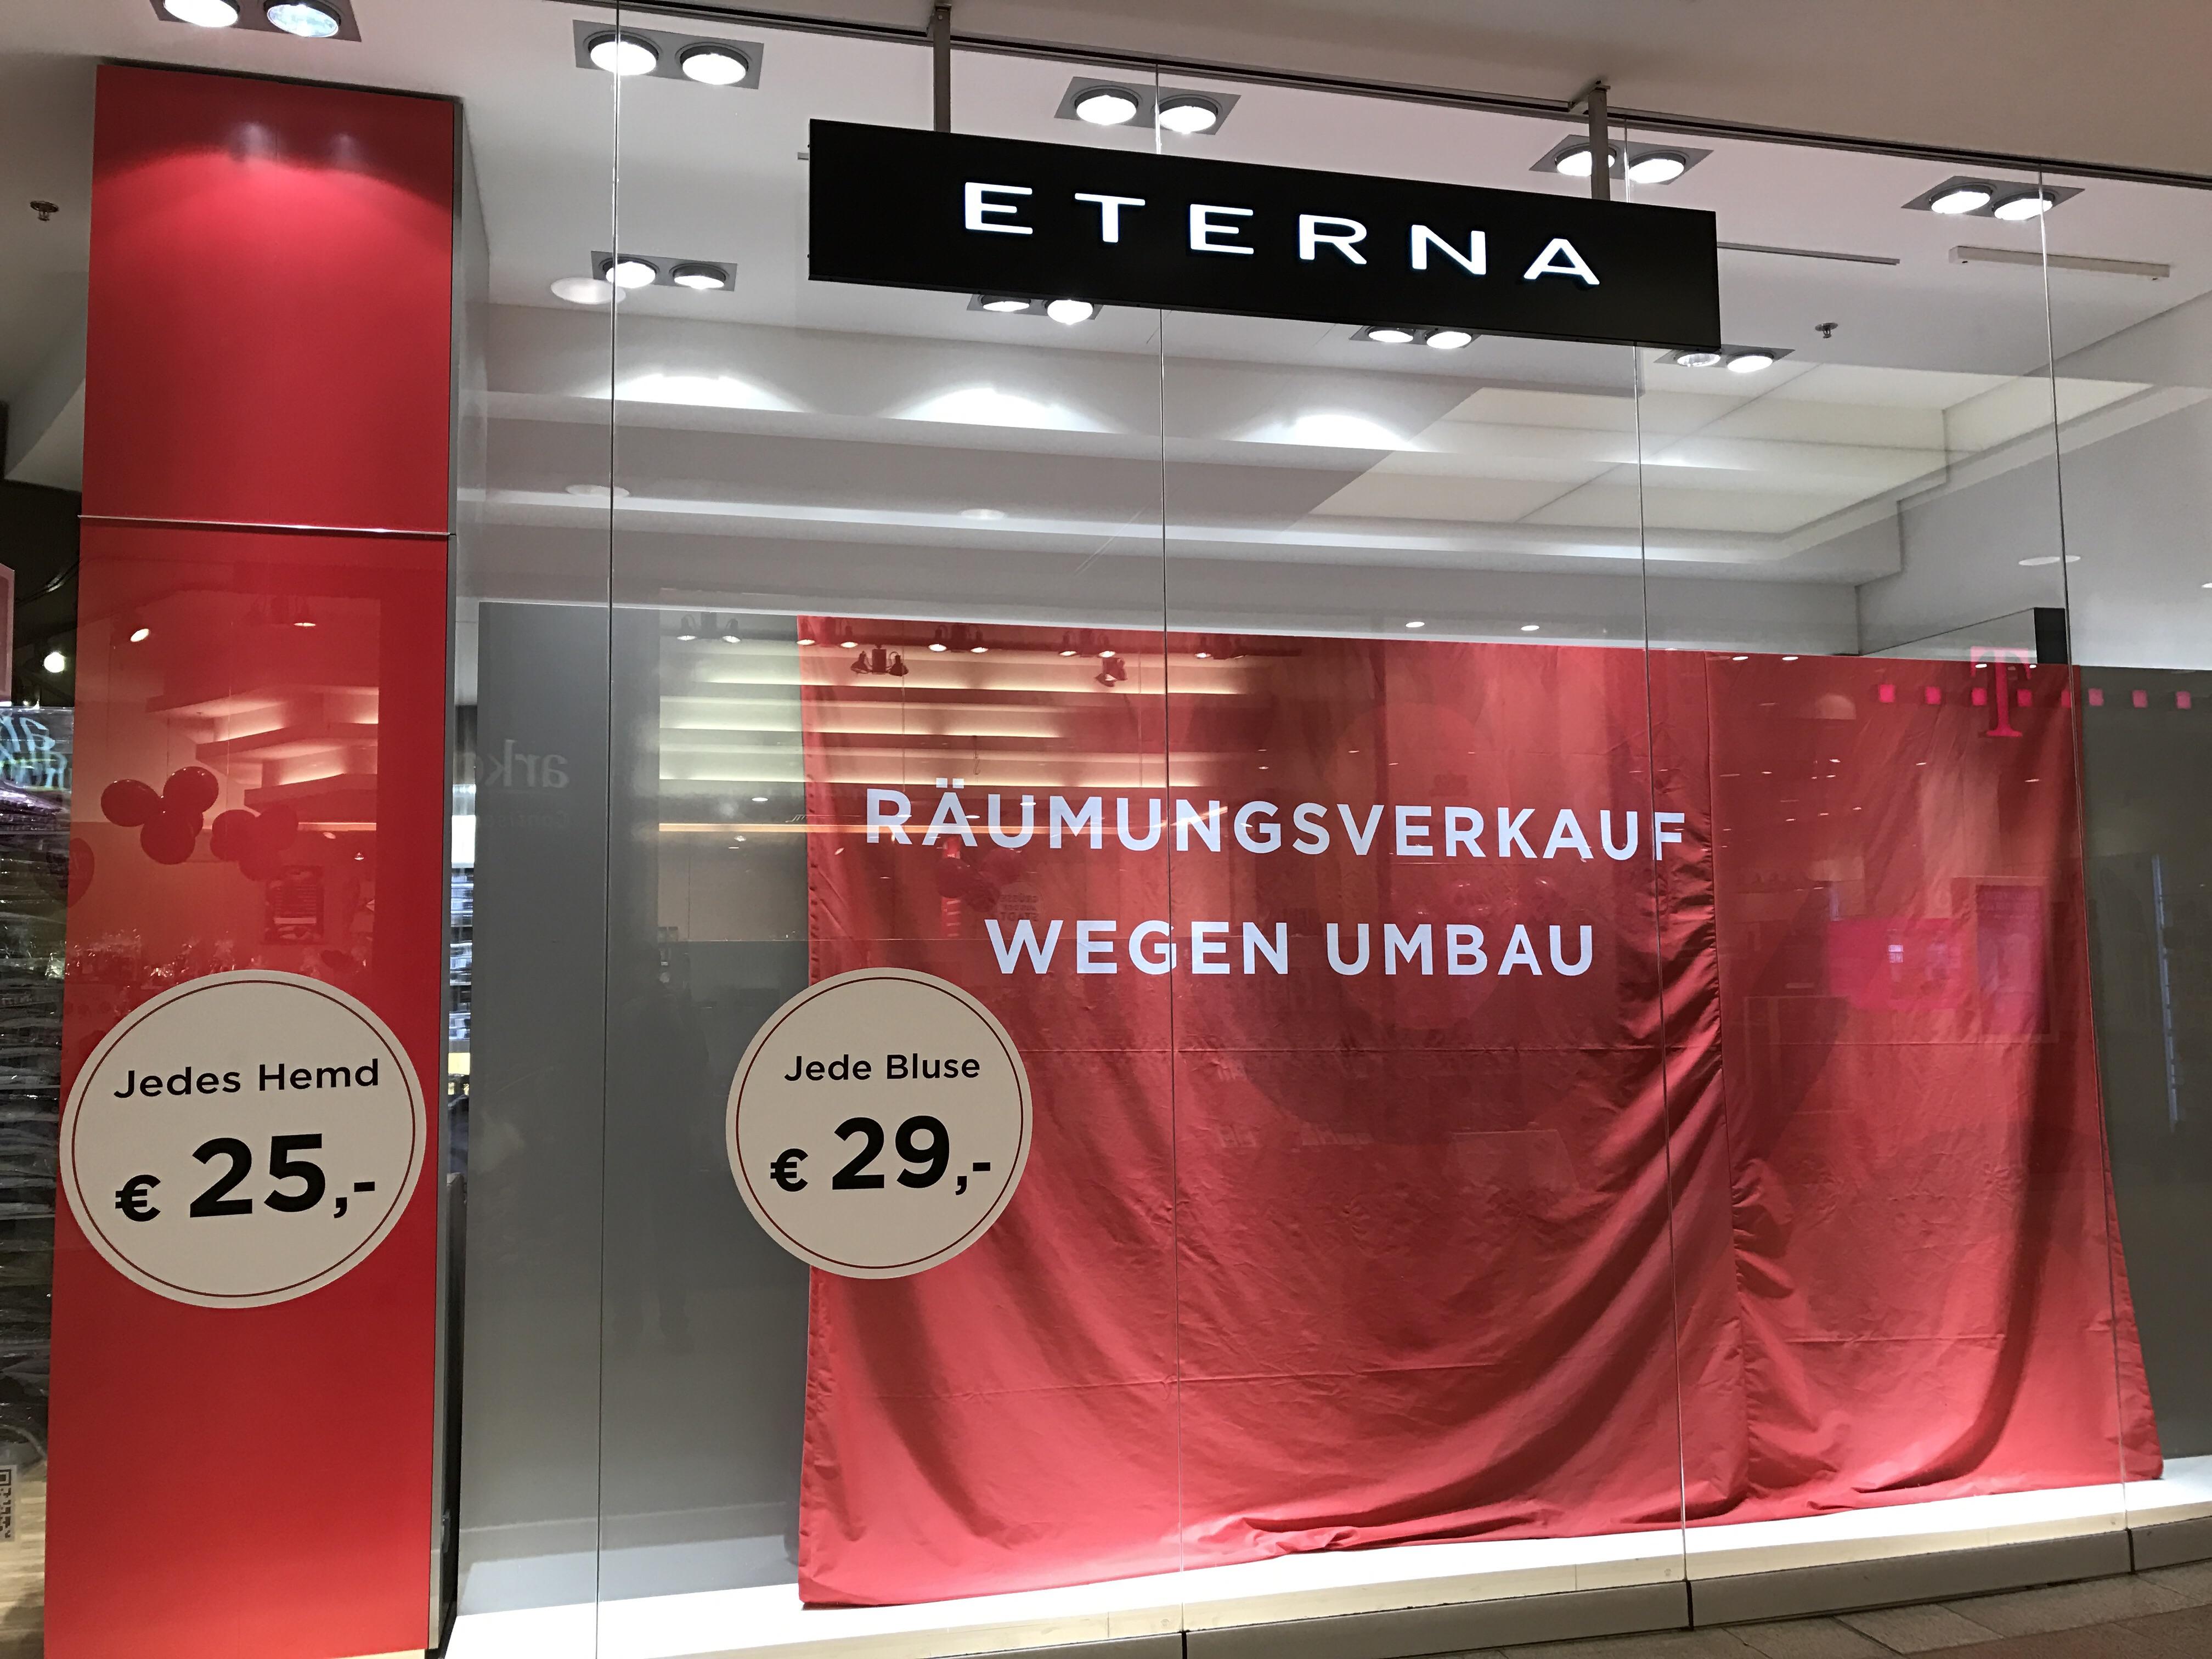 (Lokal) ETERNA - Braunschweig Schloss Arkaden - jedes Hemd & jede Bluse 25€